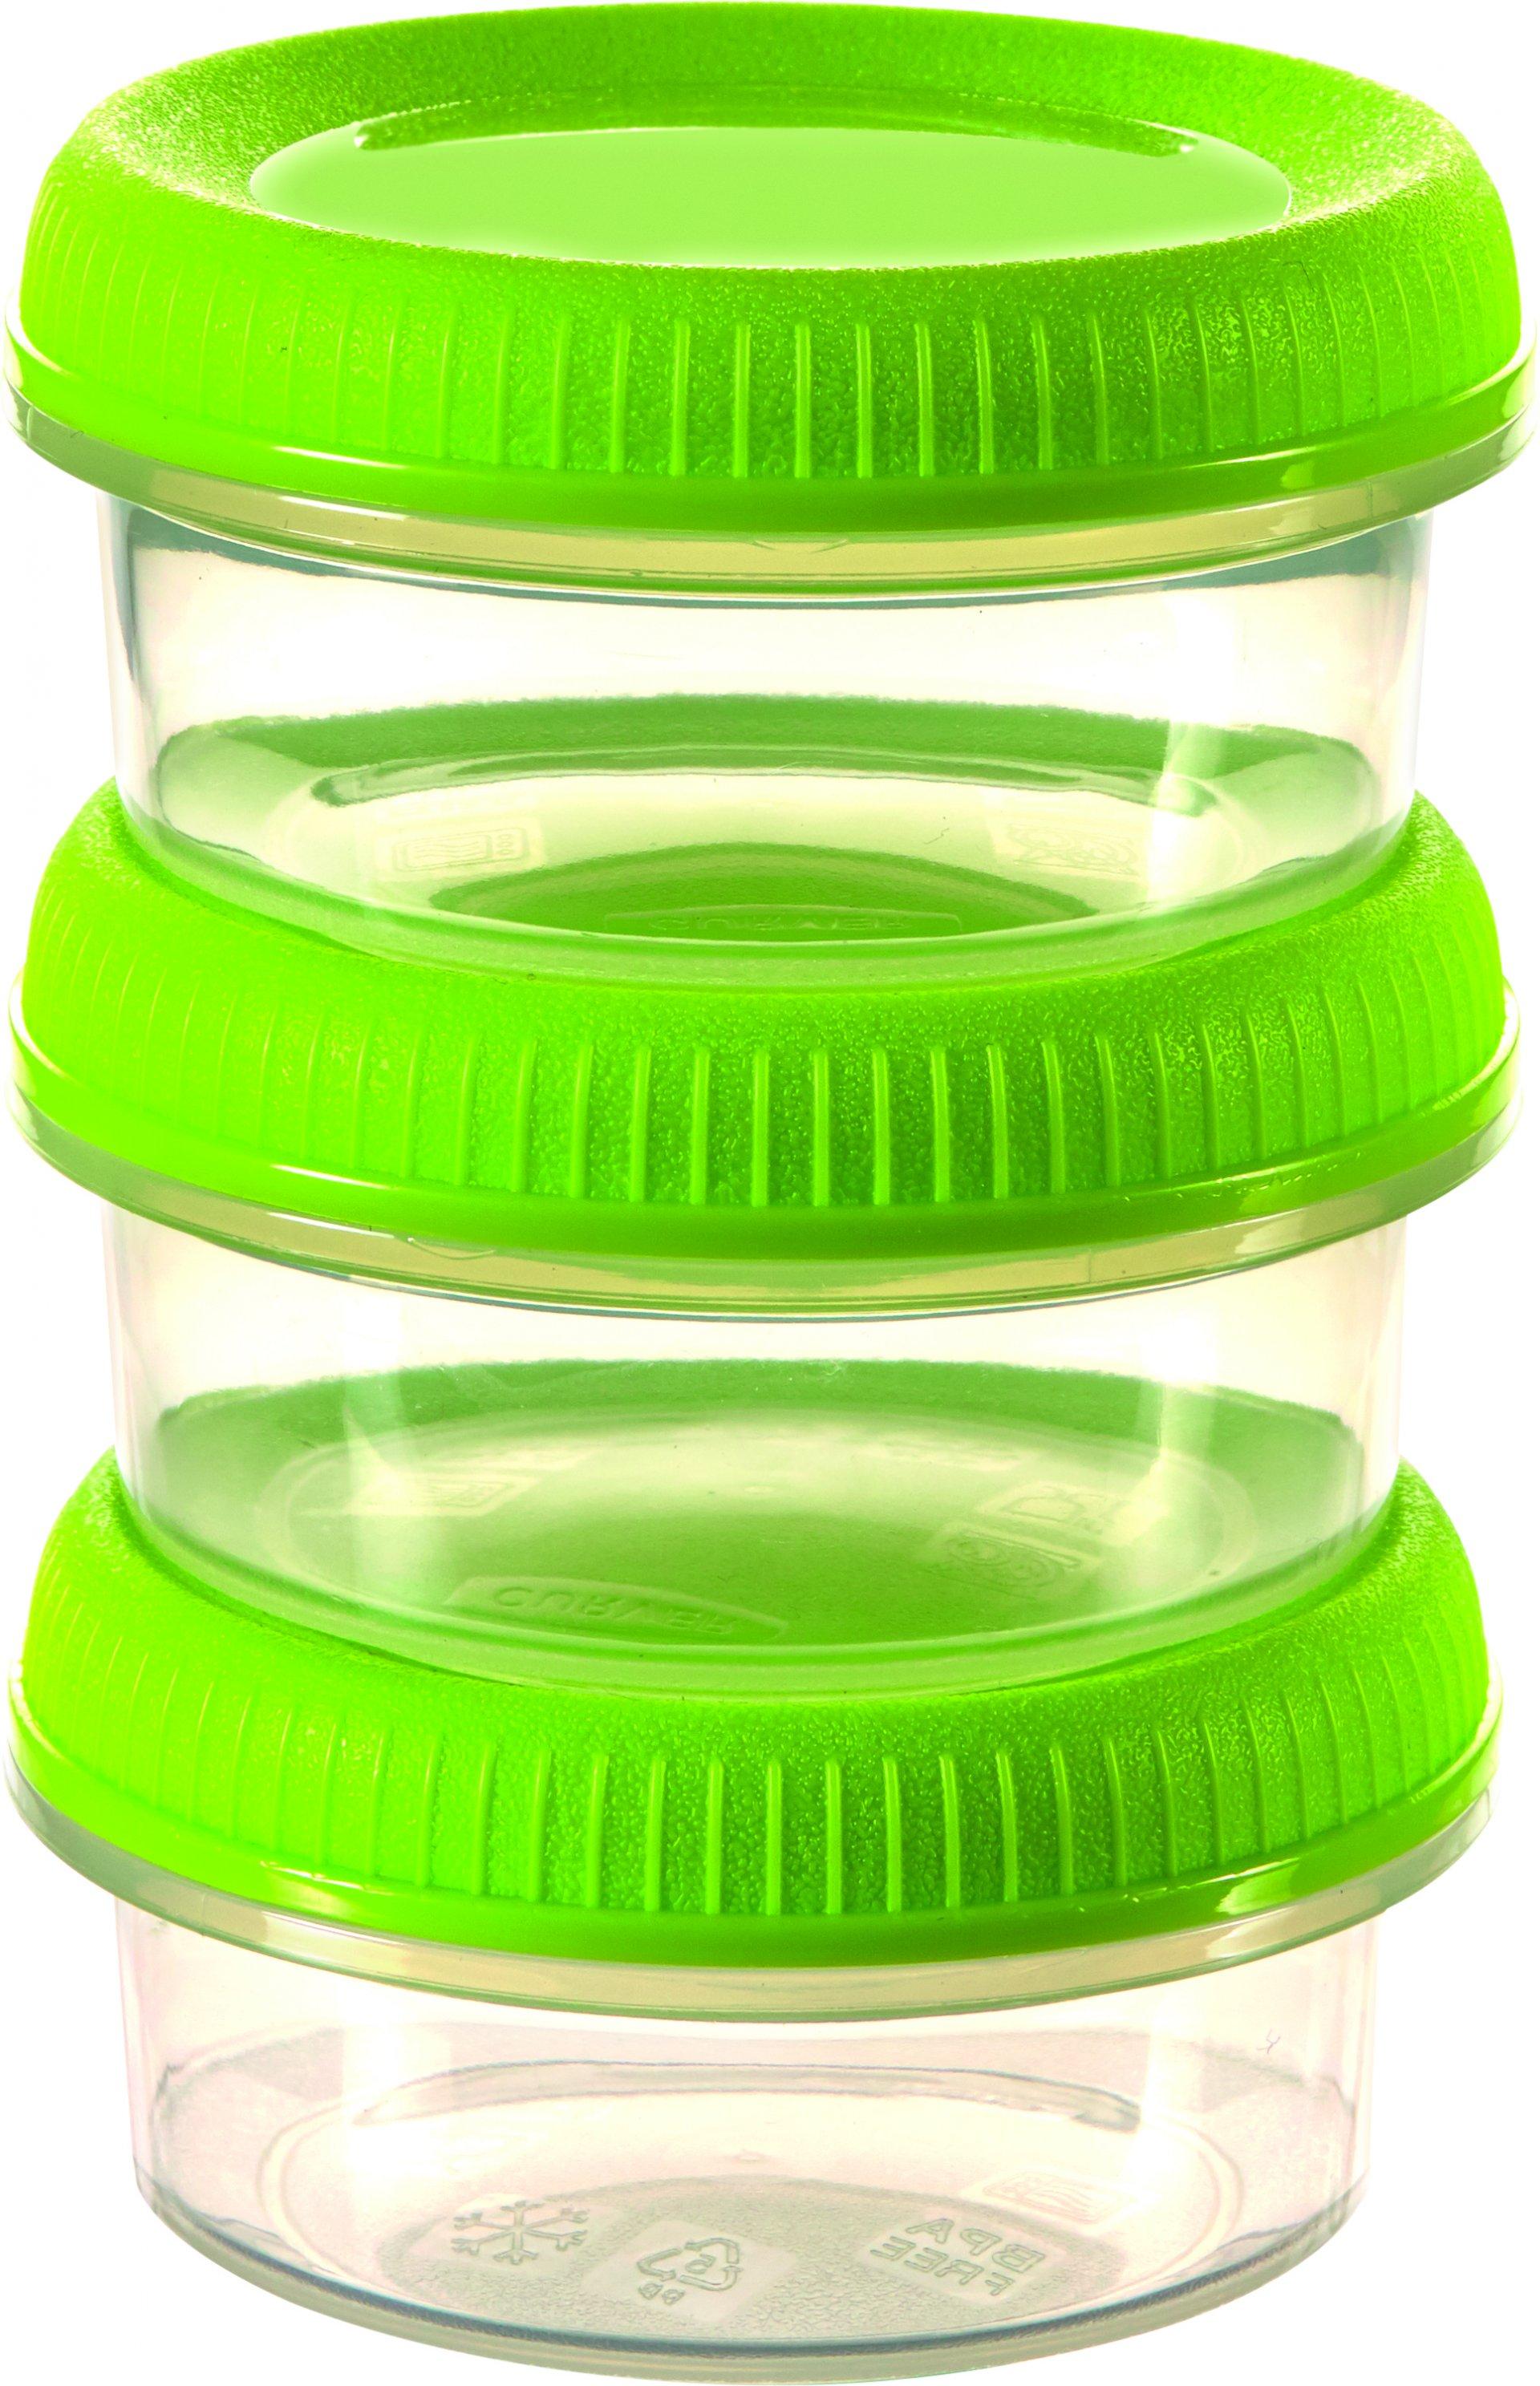 Curver set 3 mističek SMART TO GO zelené